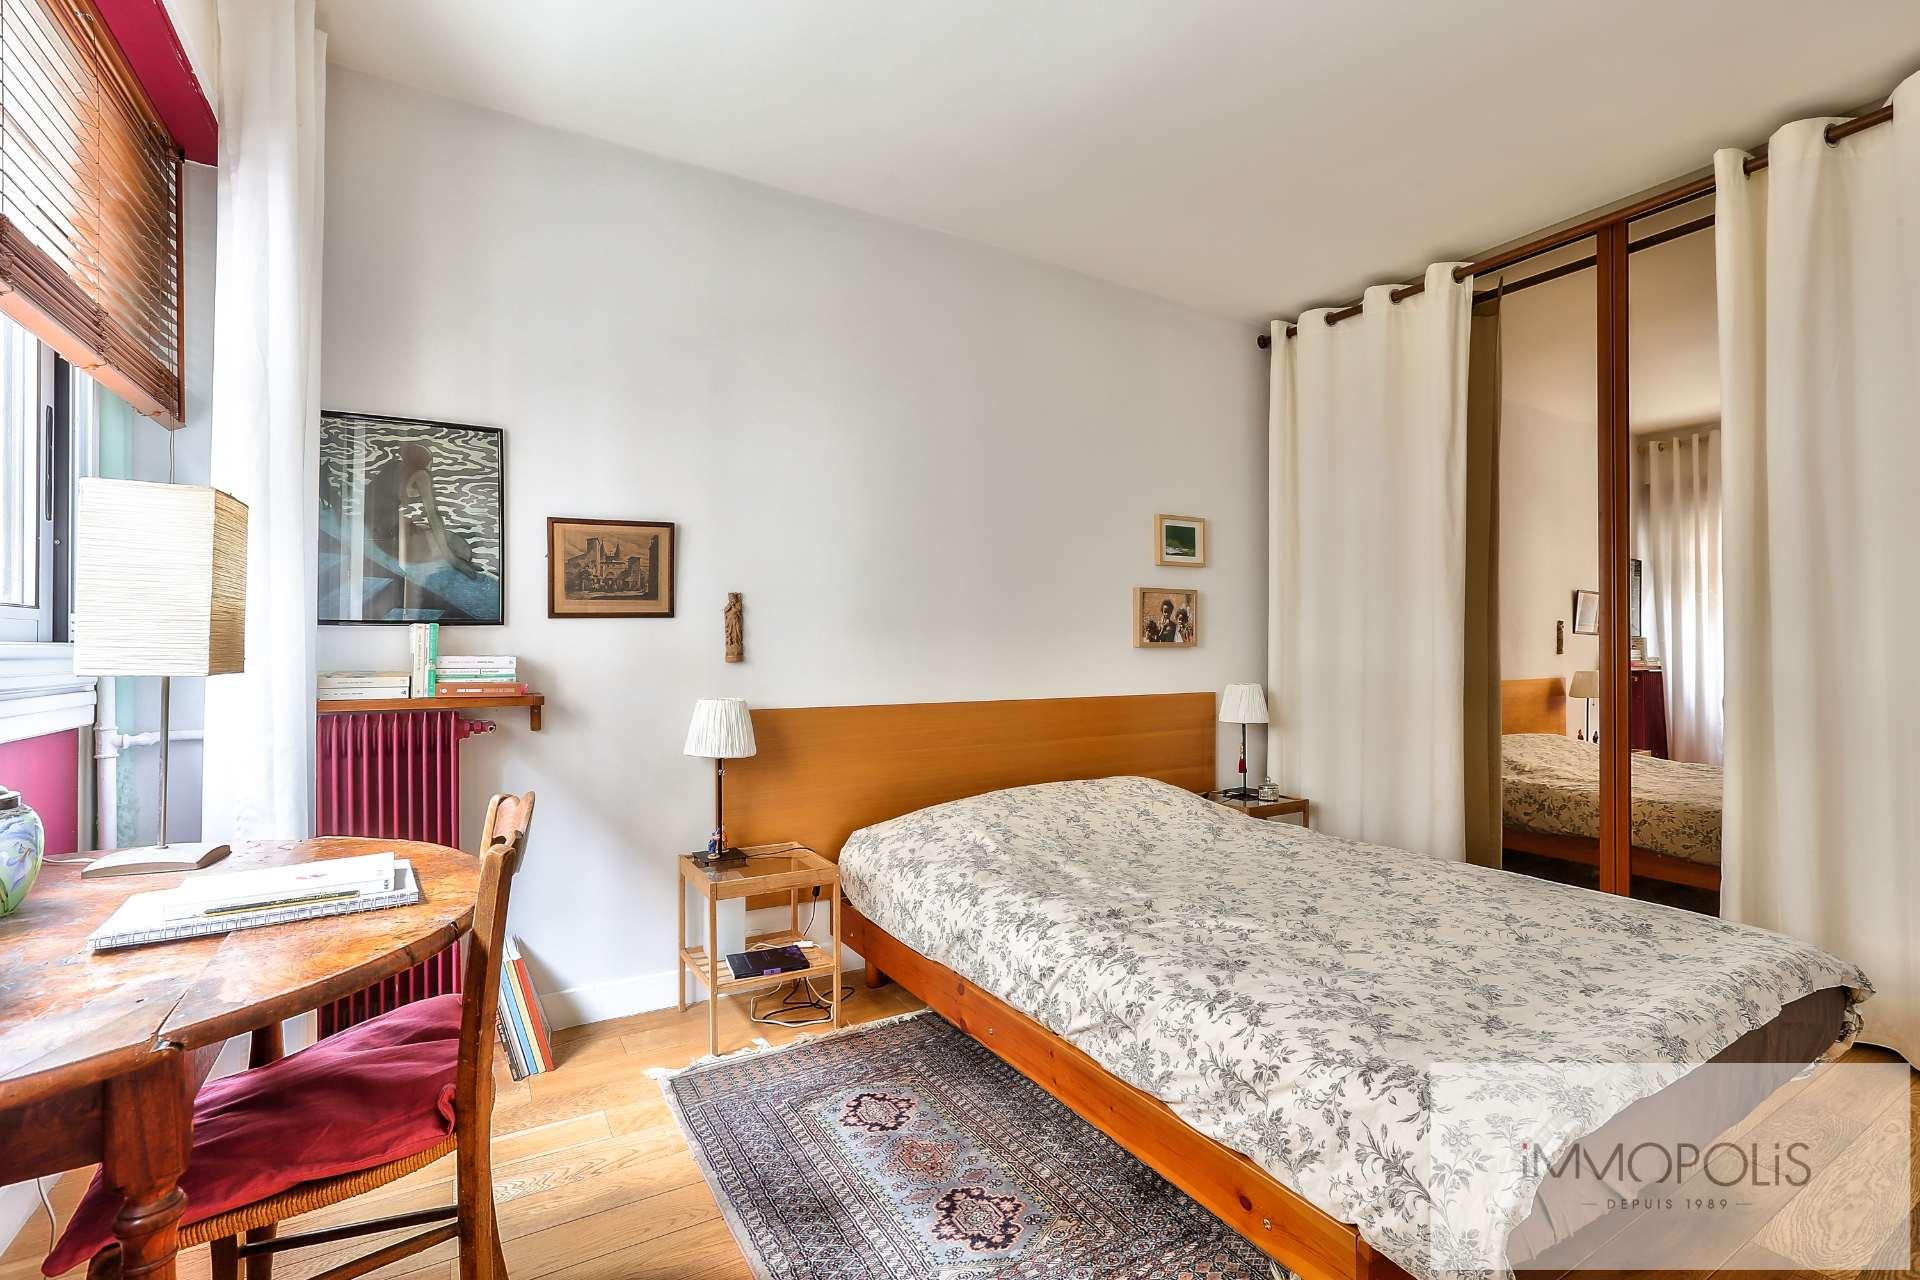 Appartement Familial  – 4 pièces 3 chambres – 85 m2 –  Balcon 4